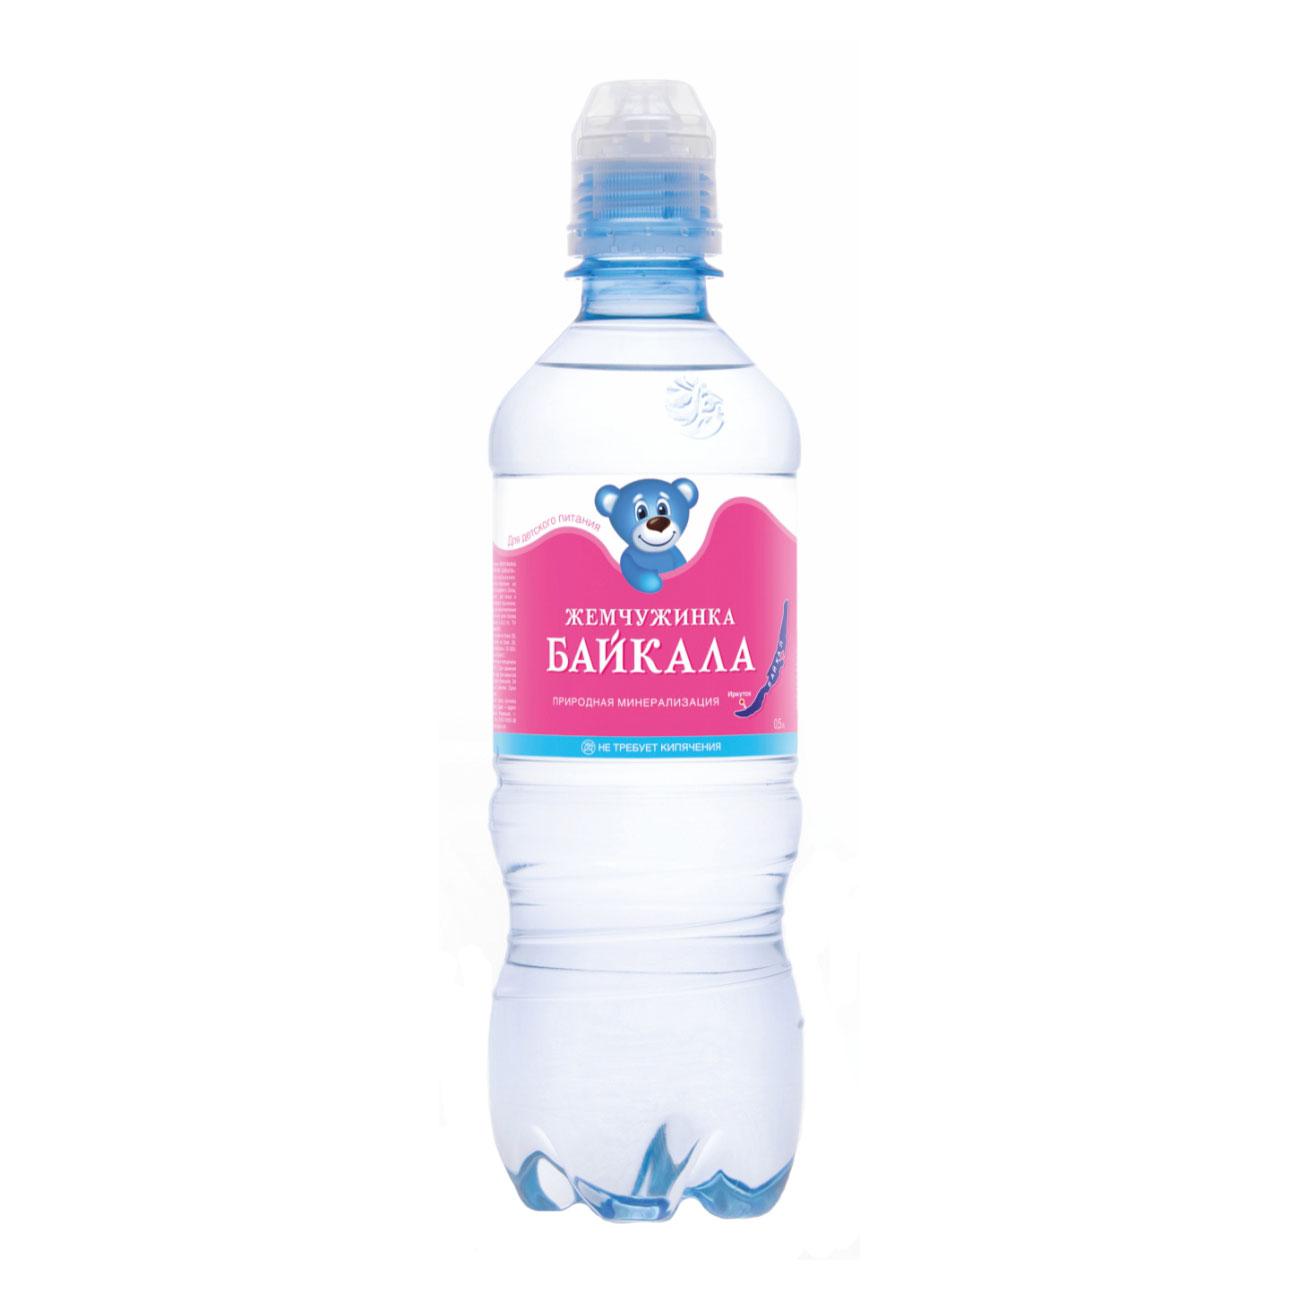 Вода детская Жемчужинка Байкала минеральная 0,5 л<br>